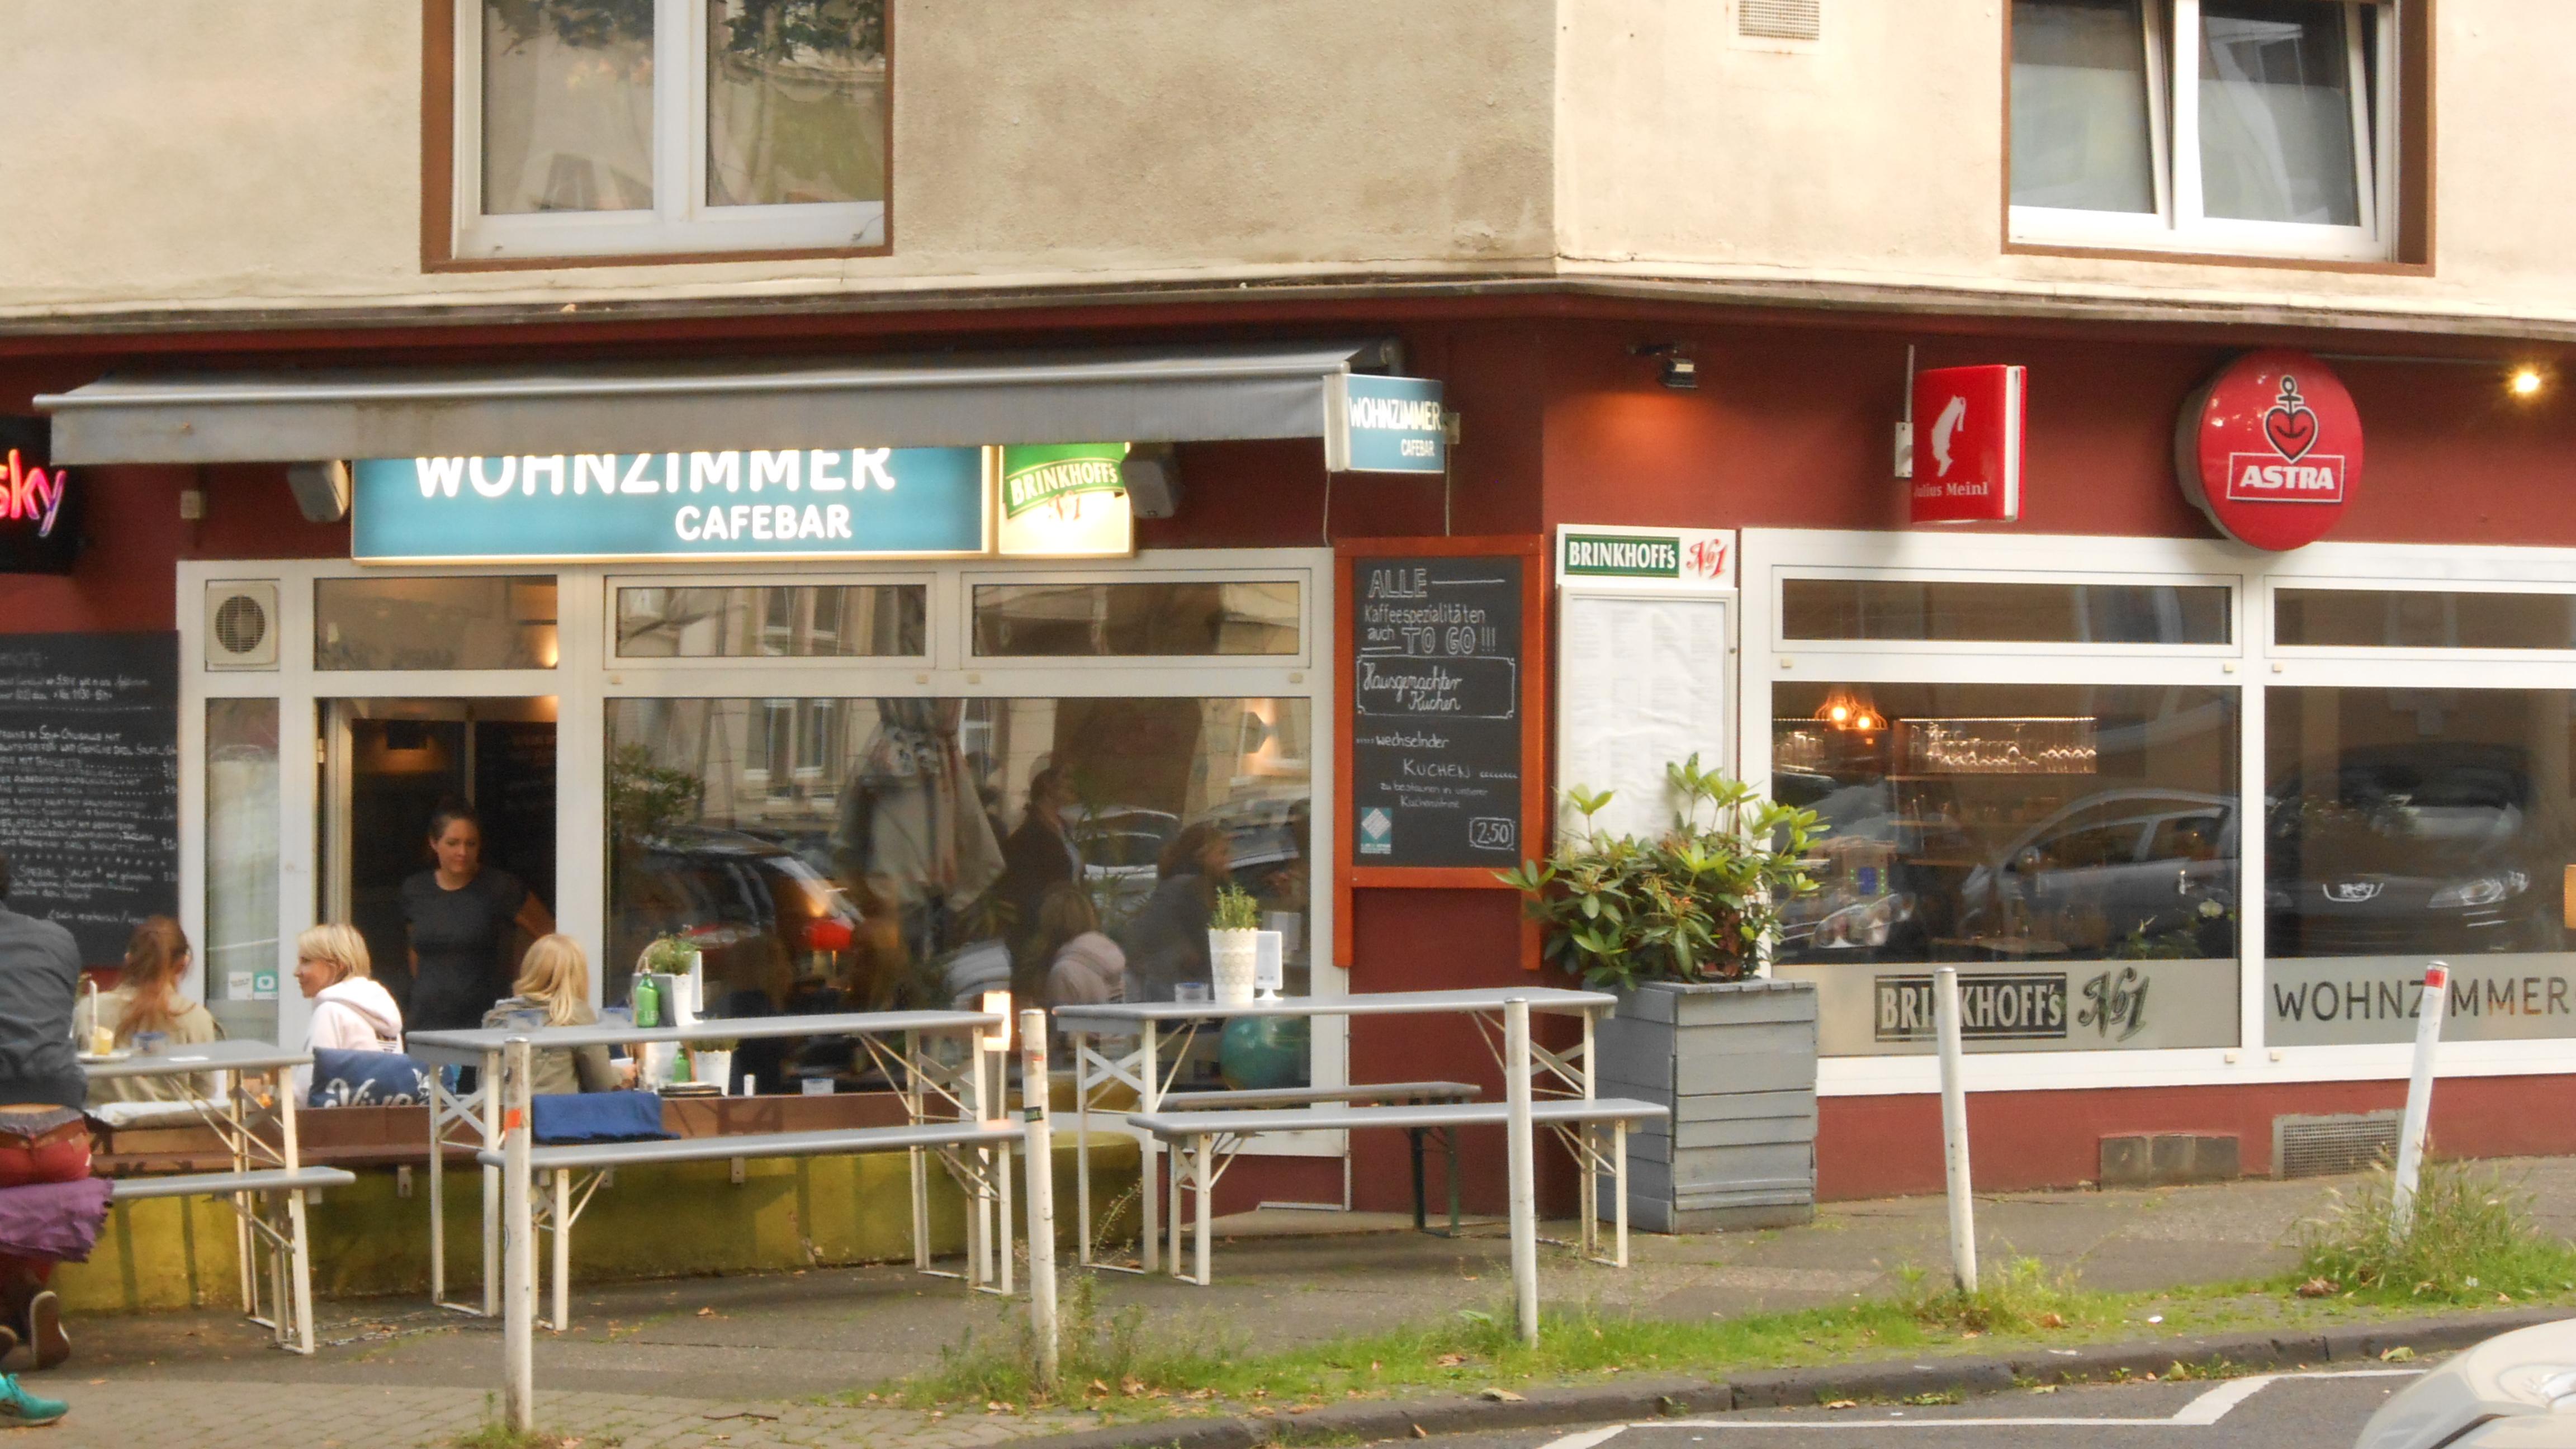 FileWohnzimmer CafBar Dortmund 1